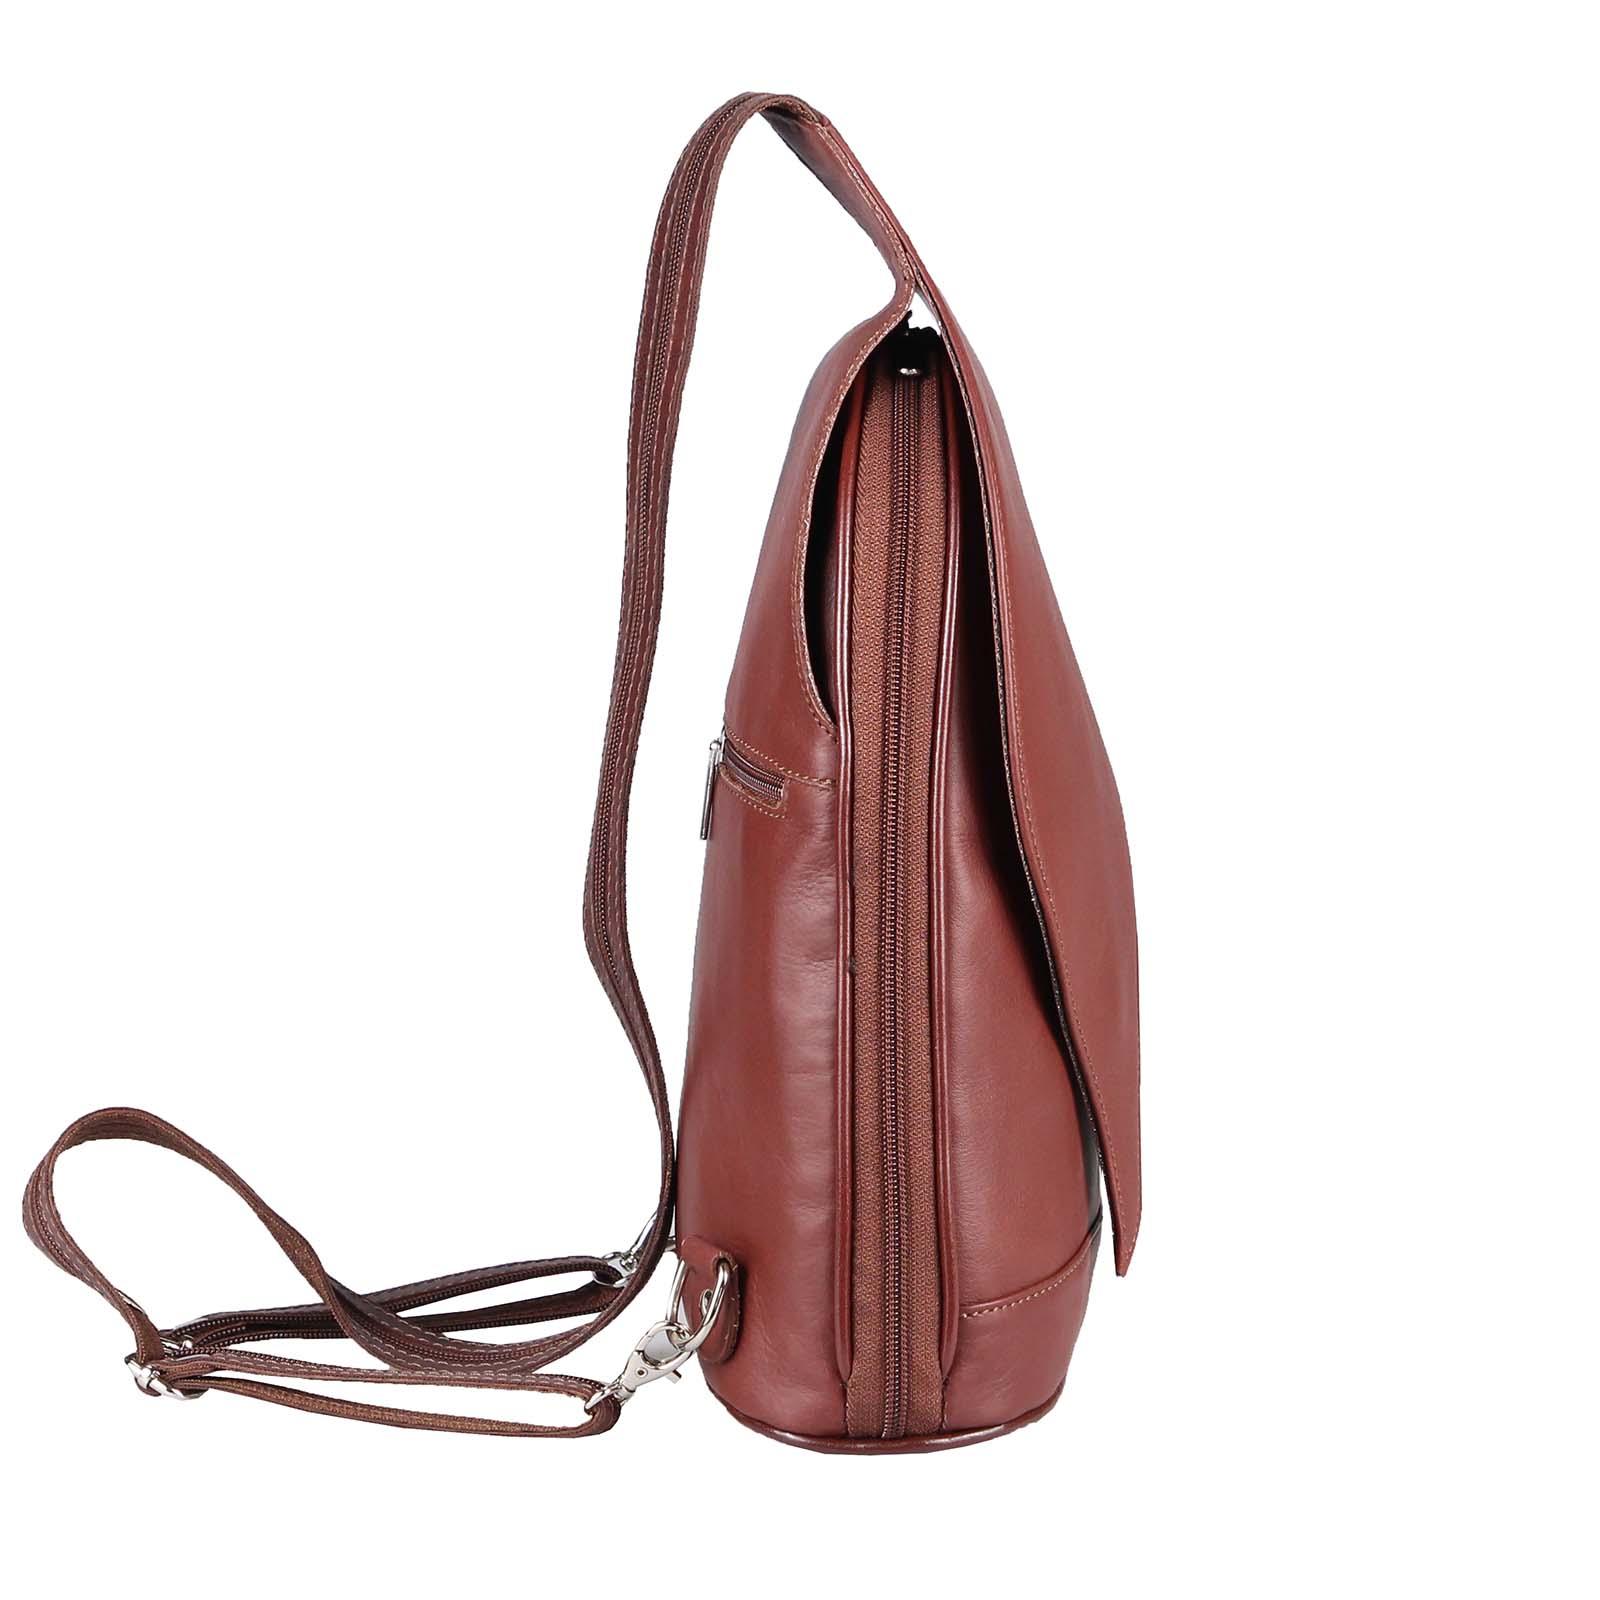 ITALY-DAMEN-LEDER-RUCKSACK-Schulter-Tasche-Reise-BACKPACK-Lederrucksack-it-BAG Indexbild 50